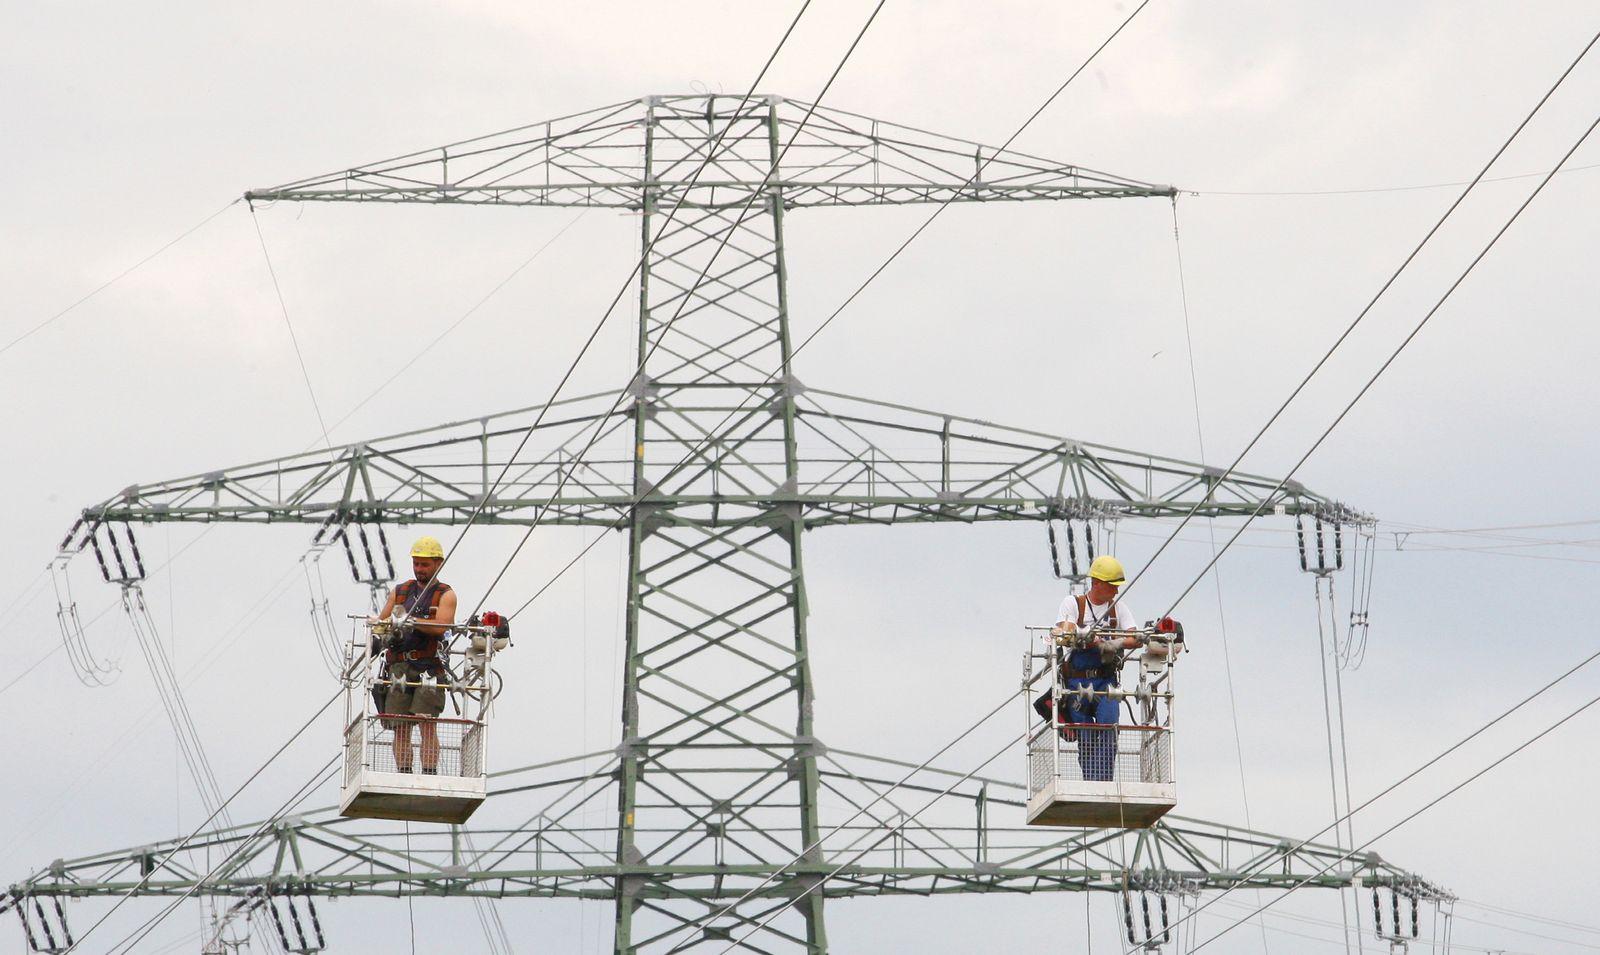 NICHT VERWENDEN Strom / Strommasten / Stromnetz